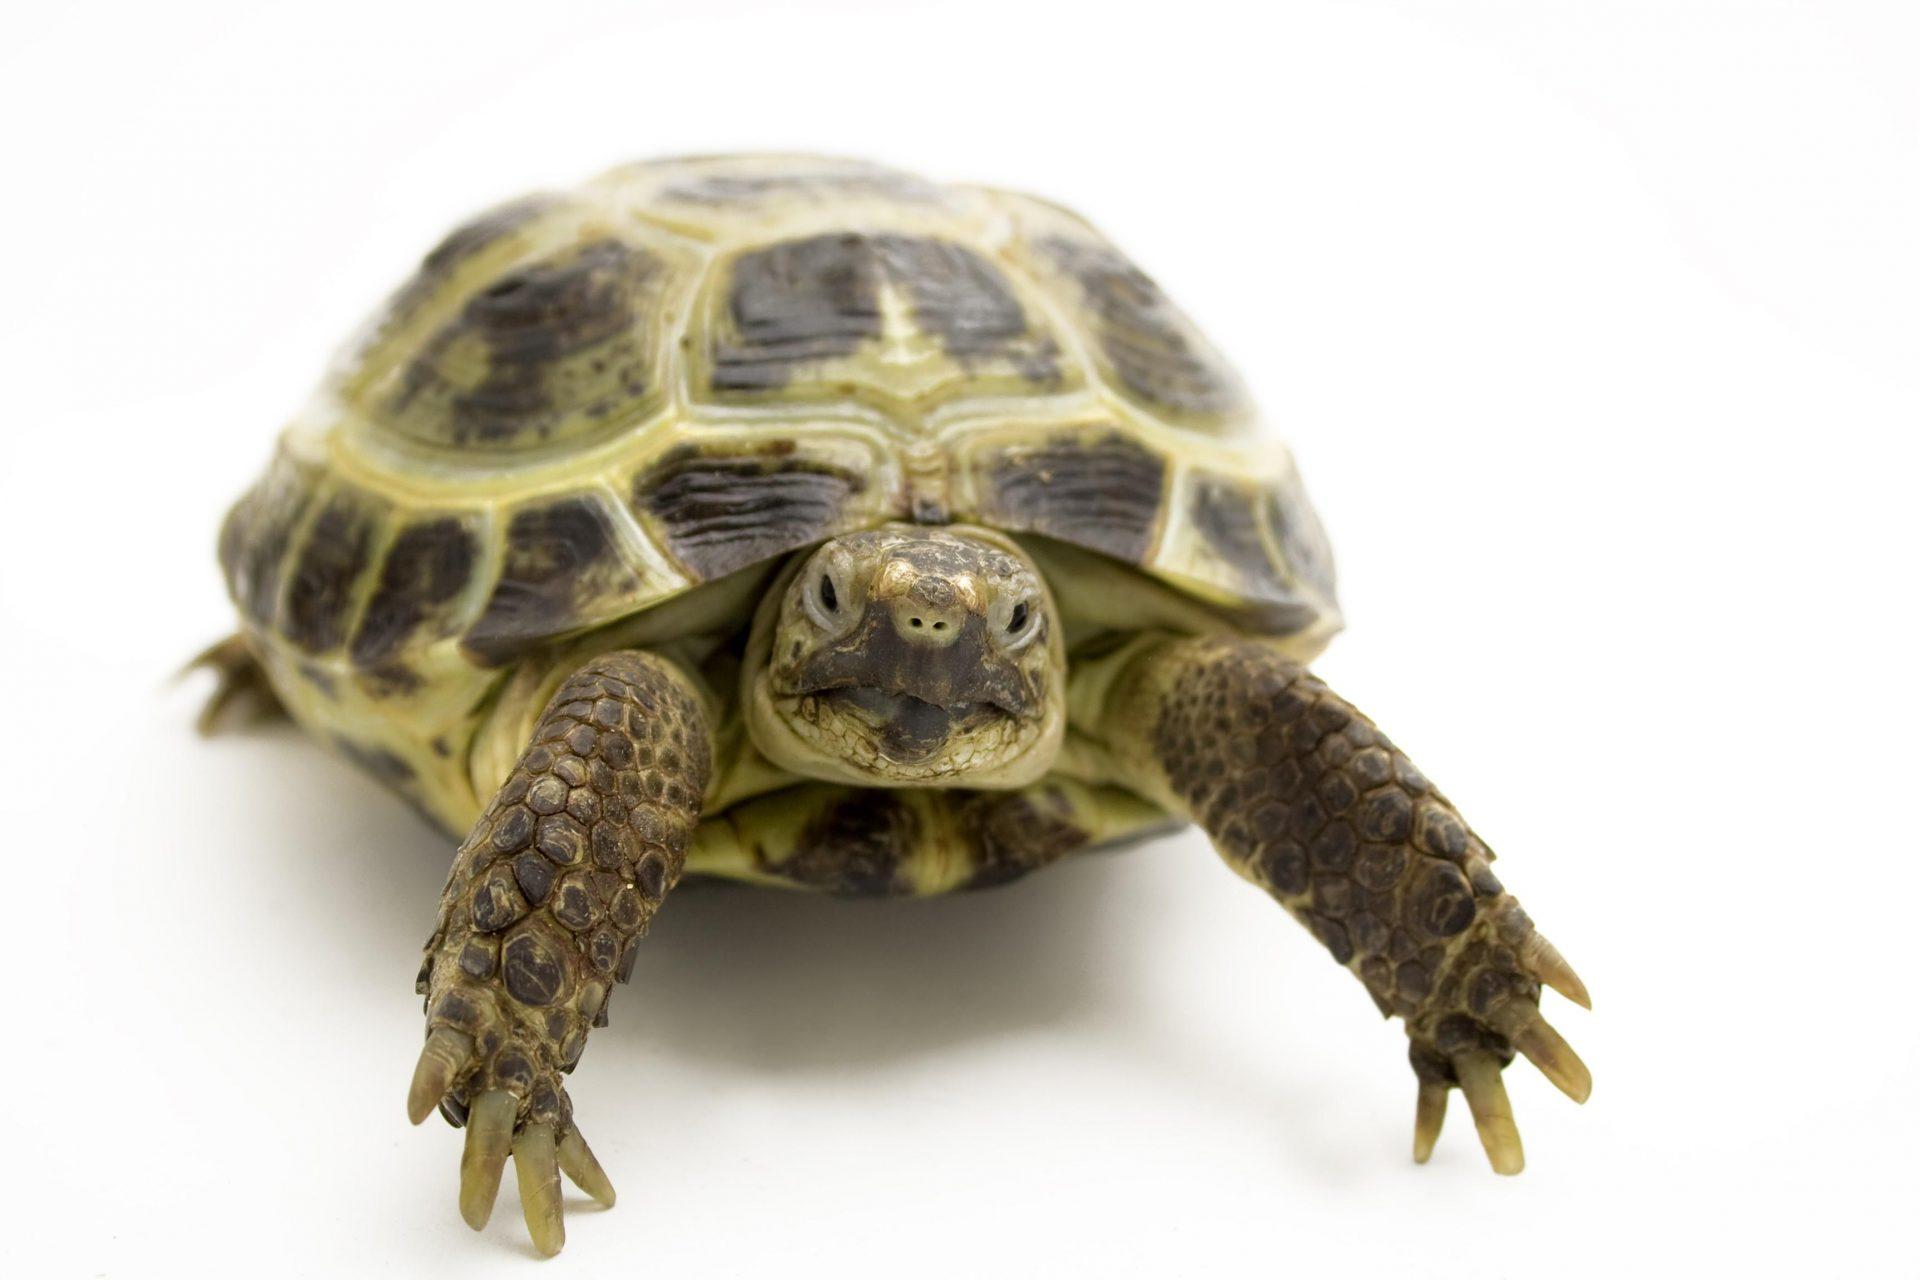 Giornata informativa su rettili e tartarughe garden for Contenitore per tartarughe